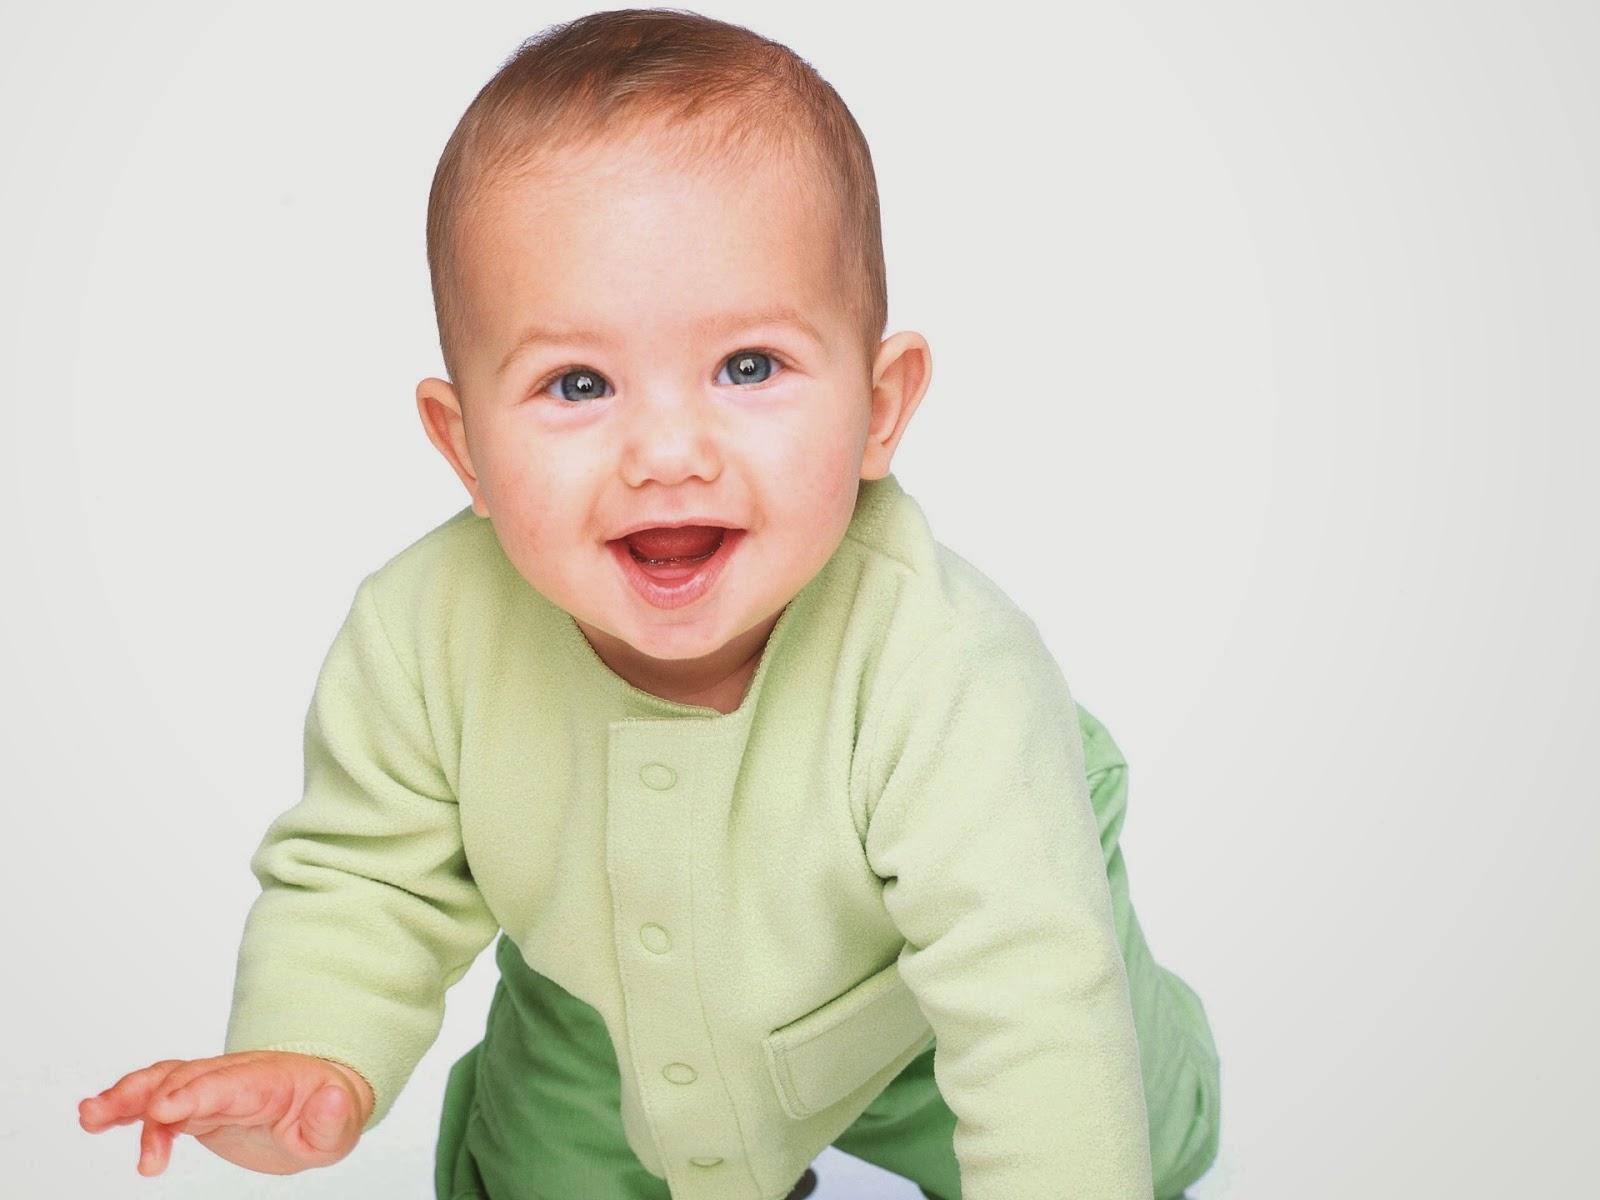 Boy Wallpaper Hd Full Size: Baby Wallpapers HD